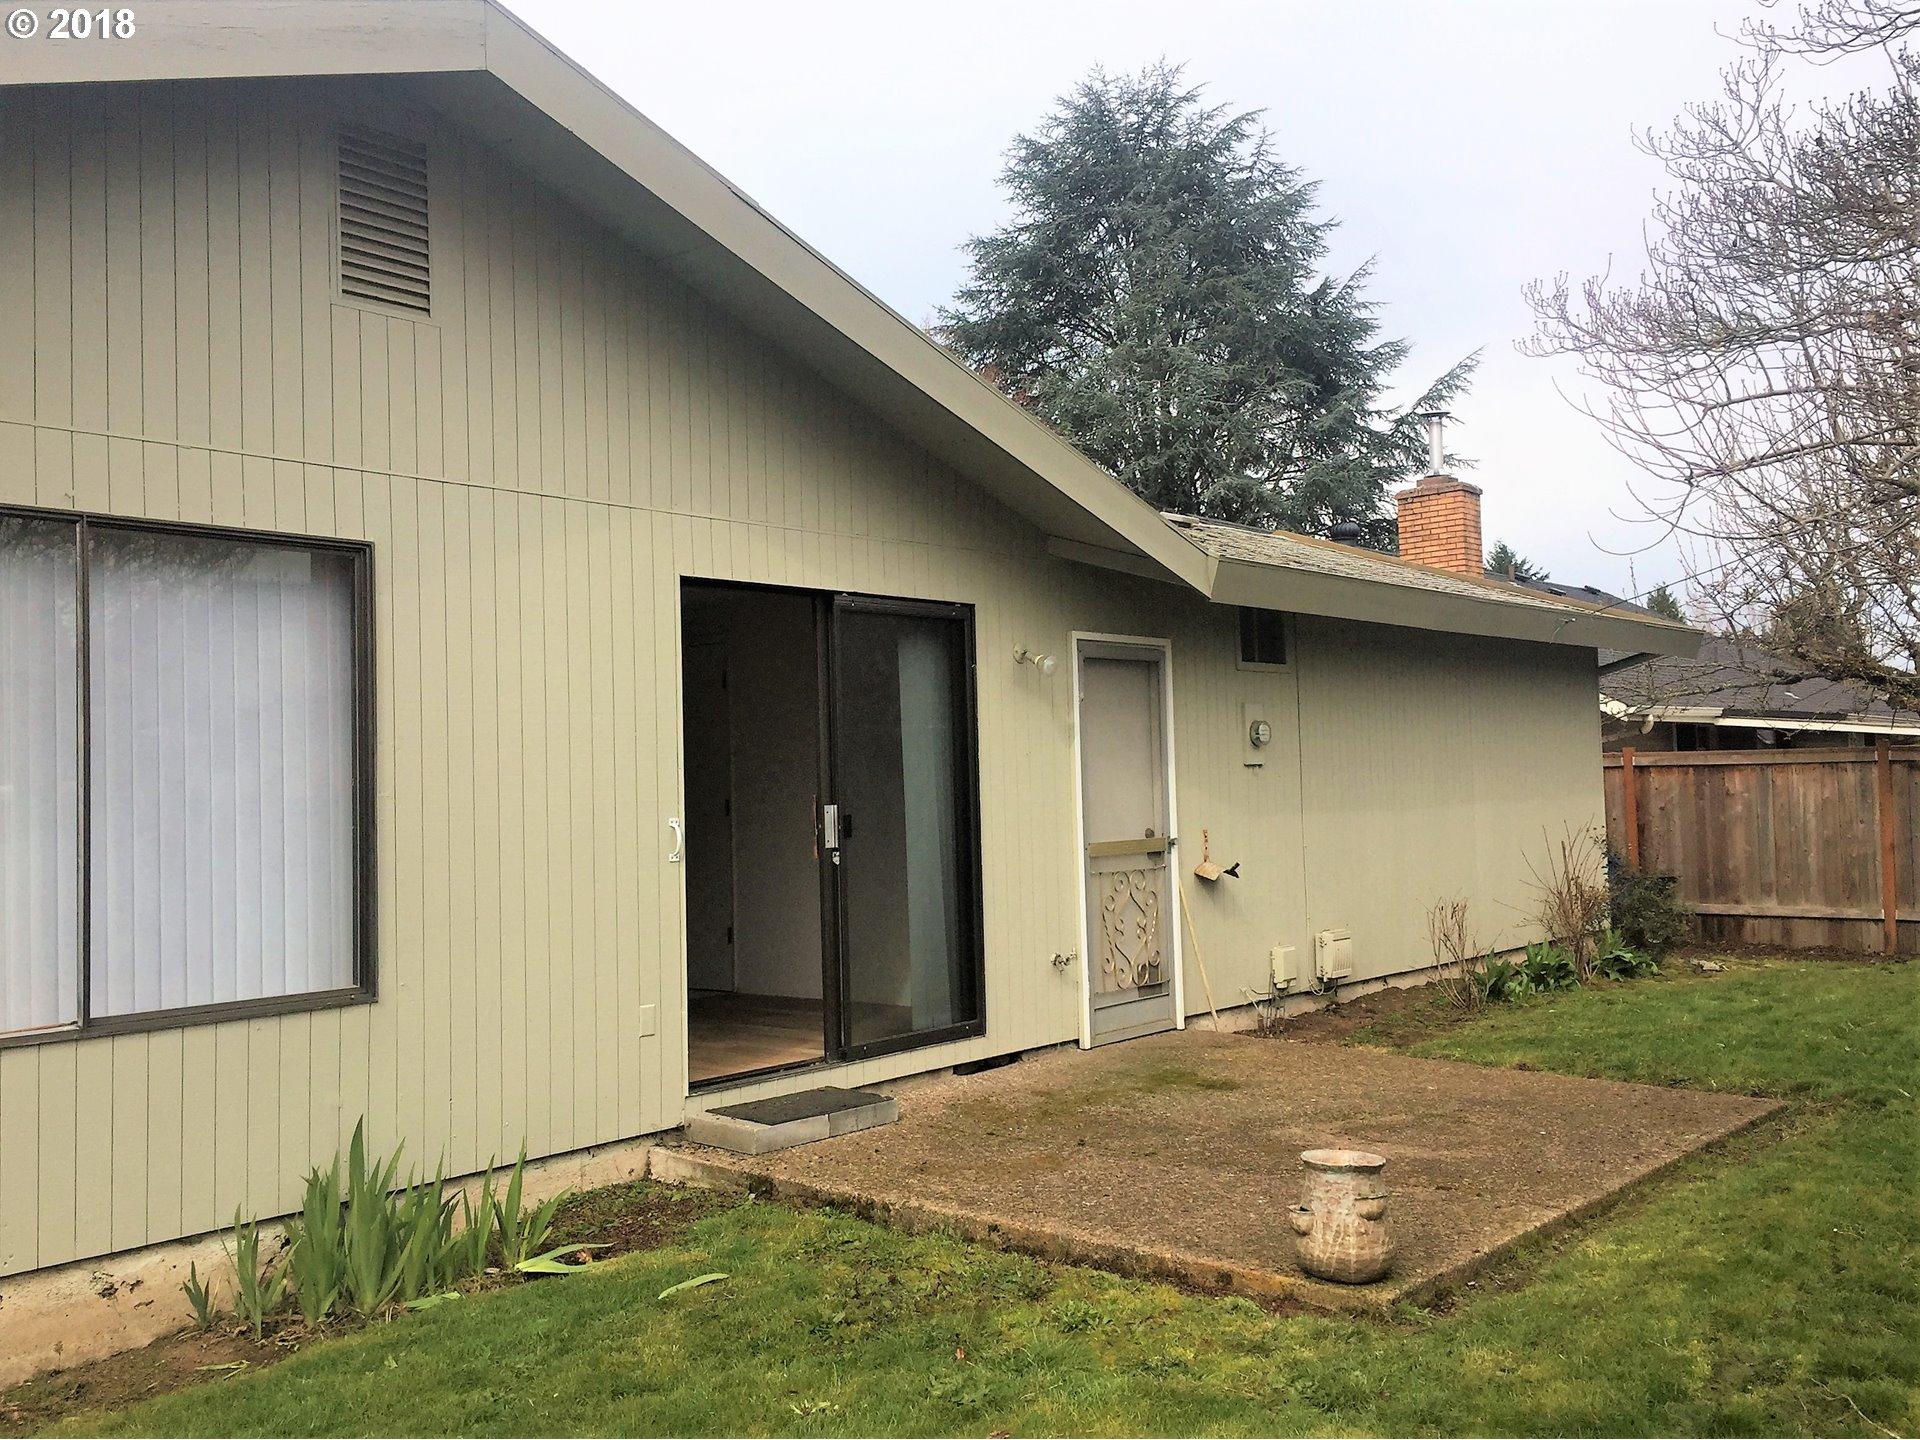 1925 TARPON ST Eugene, OR 97401 - MLS #: 18648949